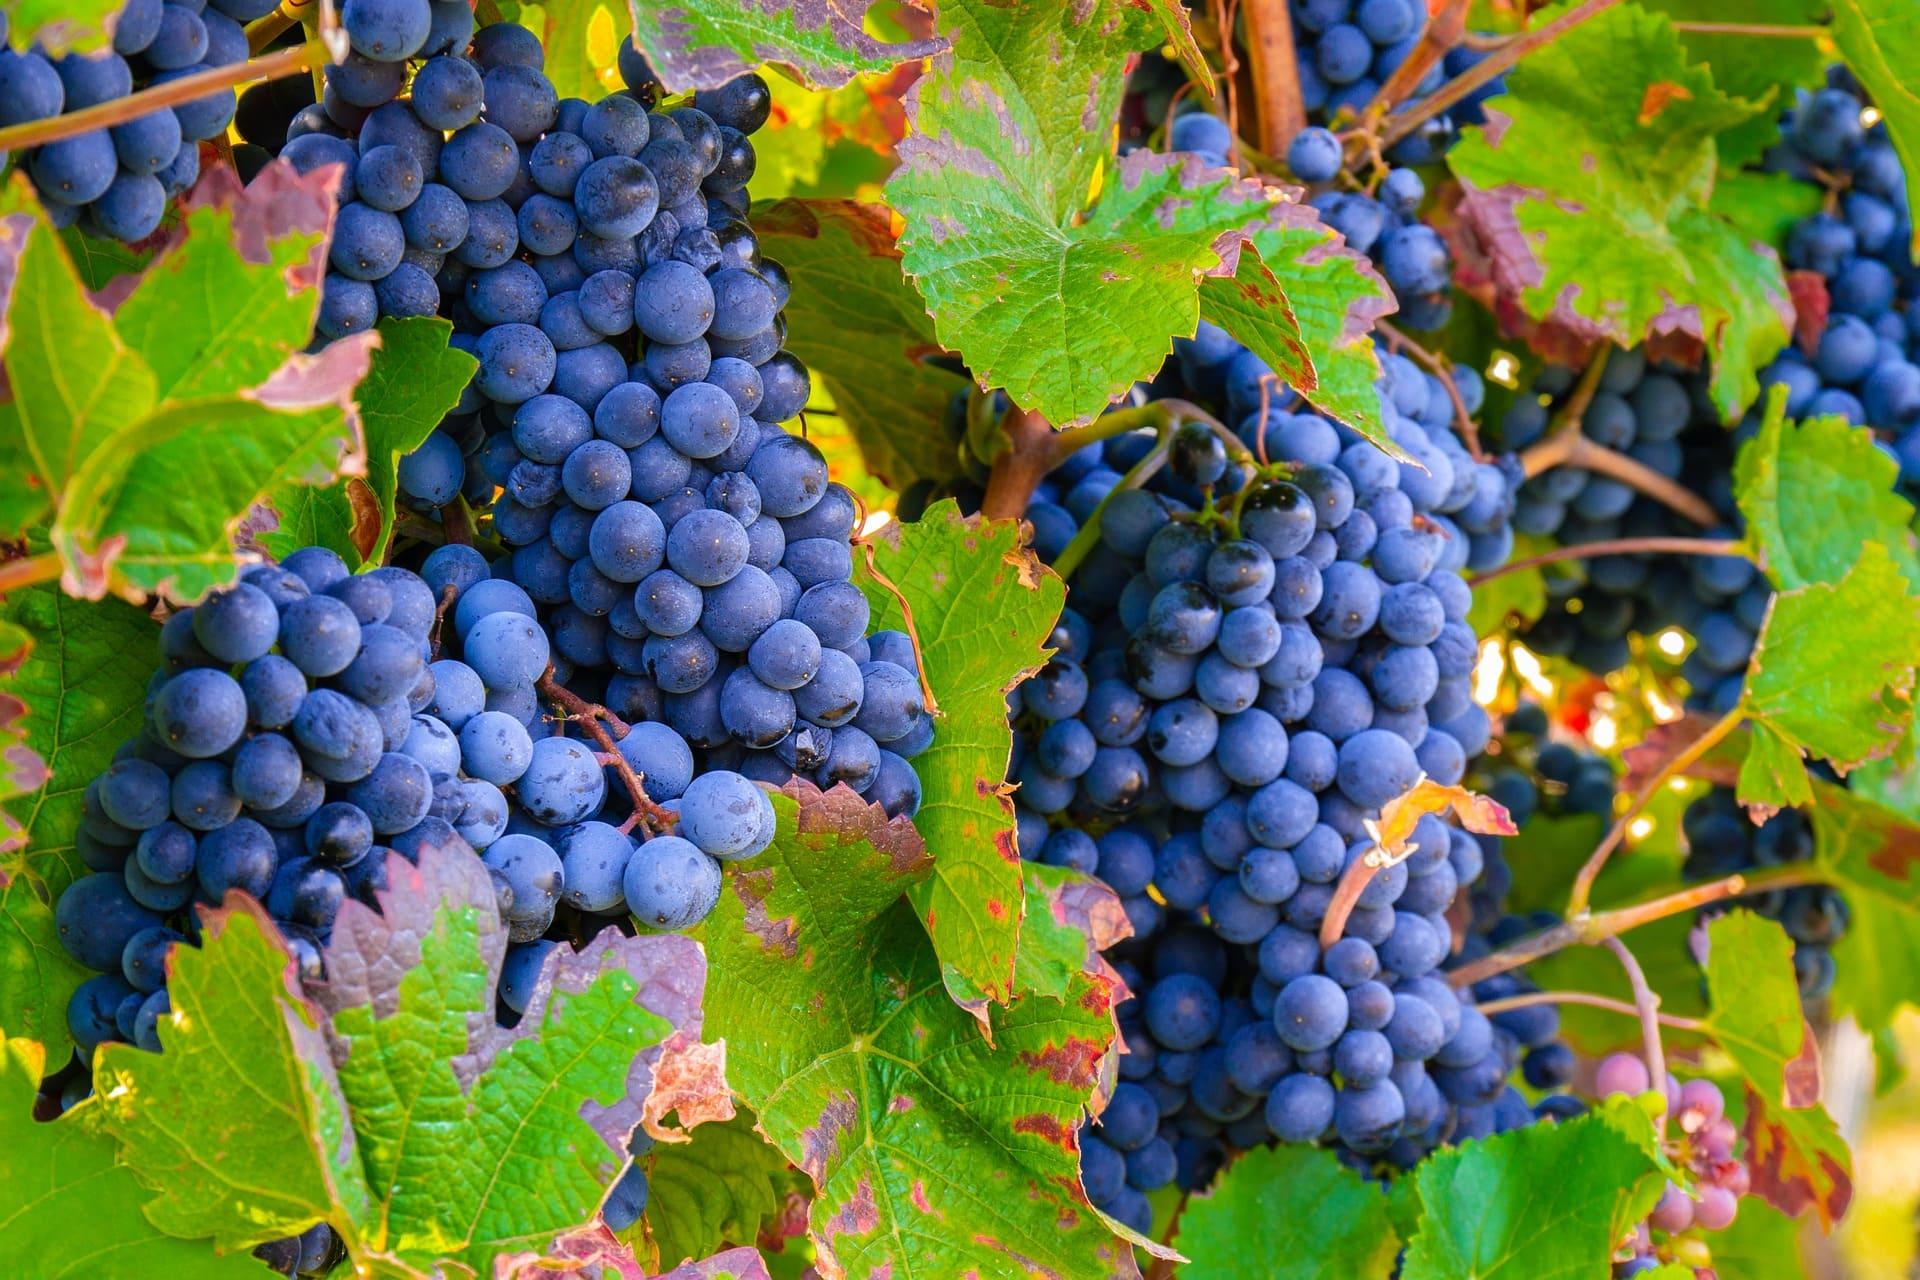 vigne-vignoble-raisins.jpg